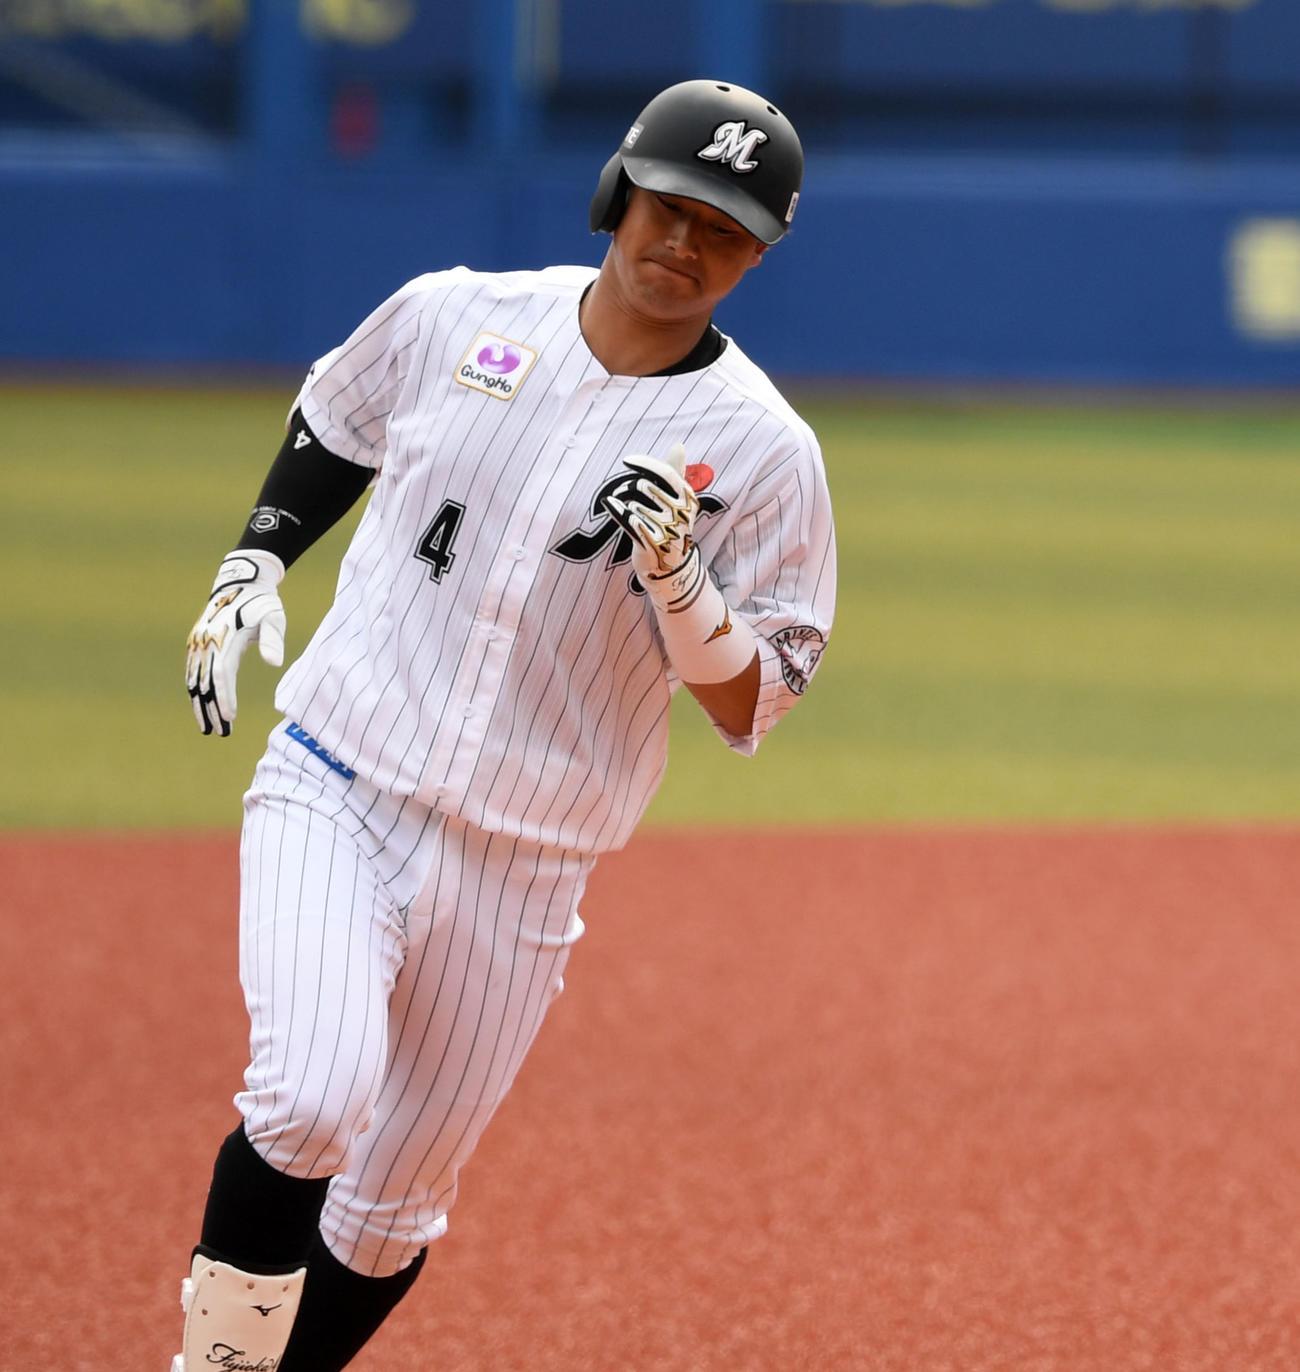 ロッテ対日本ハム 7回表ロッテ1死二塁、右越え2点本塁打を放ち三塁をまわる藤岡(撮影・横山健太)